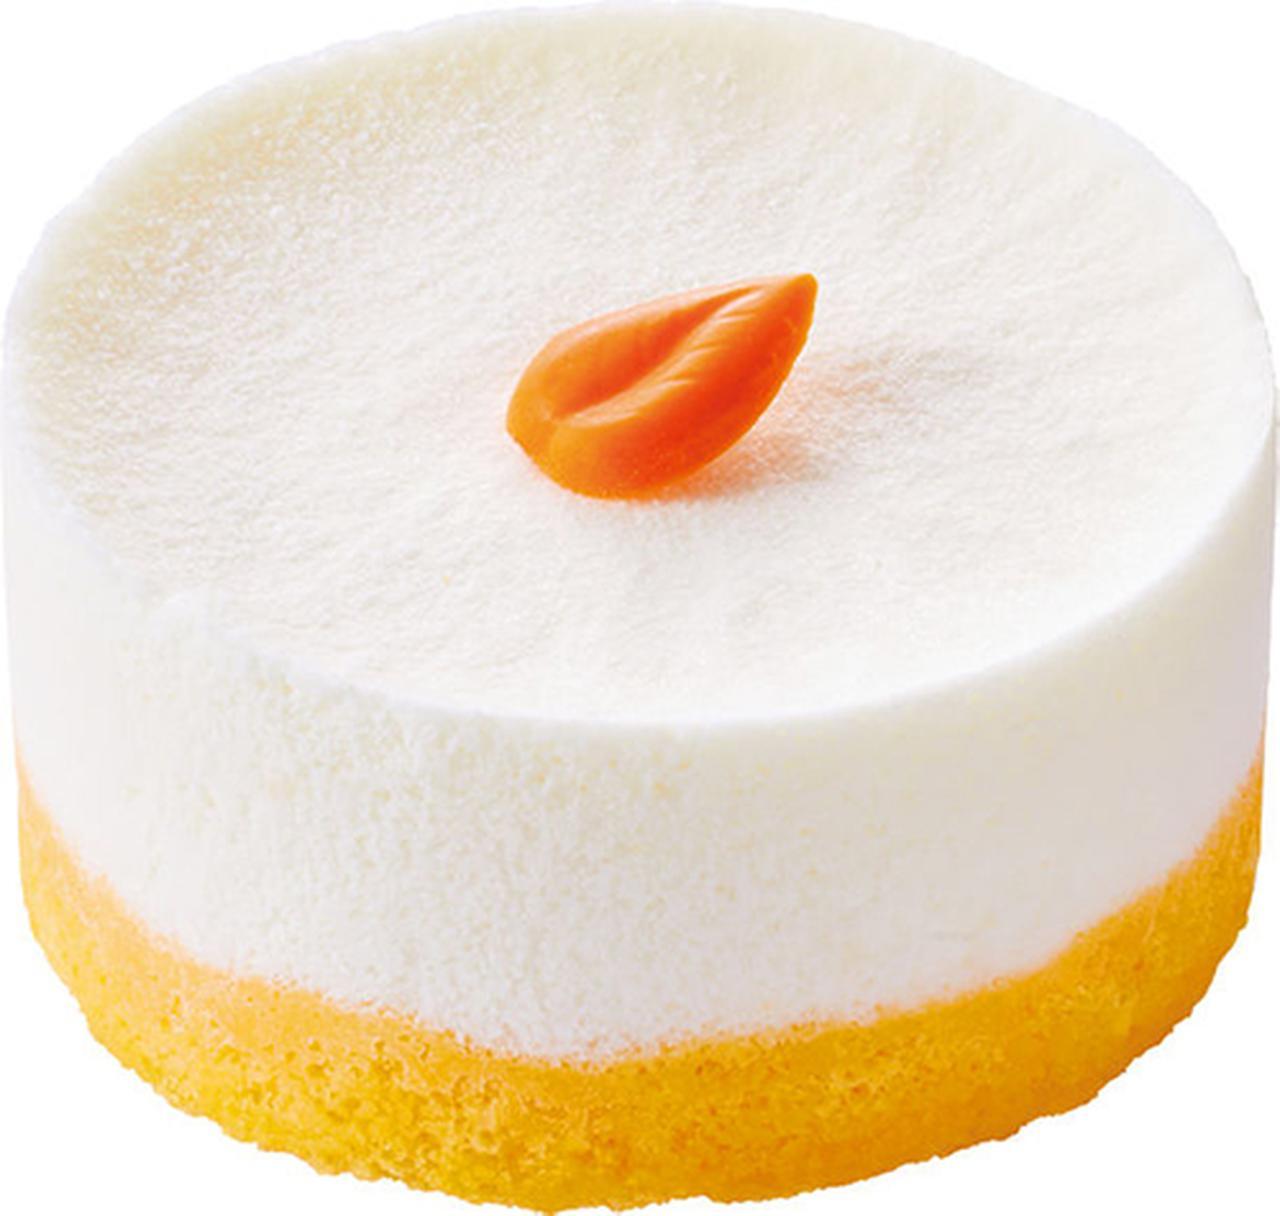 画像: ふわふわ食感「口どけオレンジ」